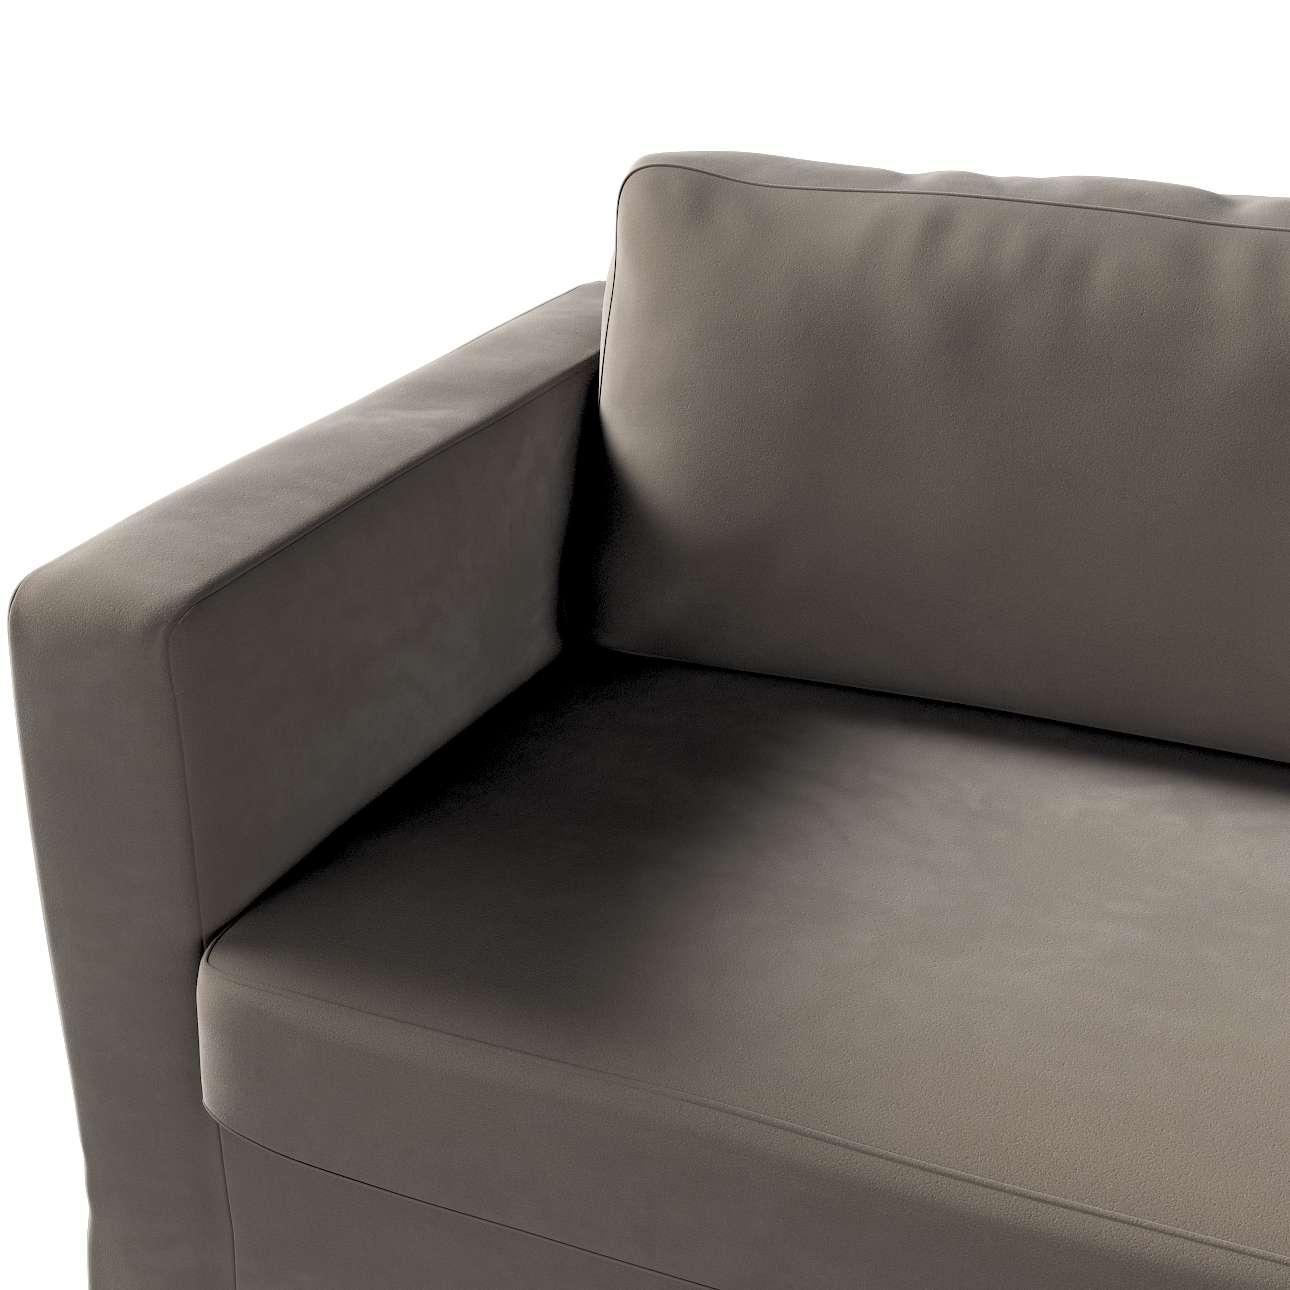 Pokrowiec na sofę Karlstad 3-osobową nierozkładaną, długi w kolekcji Velvet, tkanina: 704-19